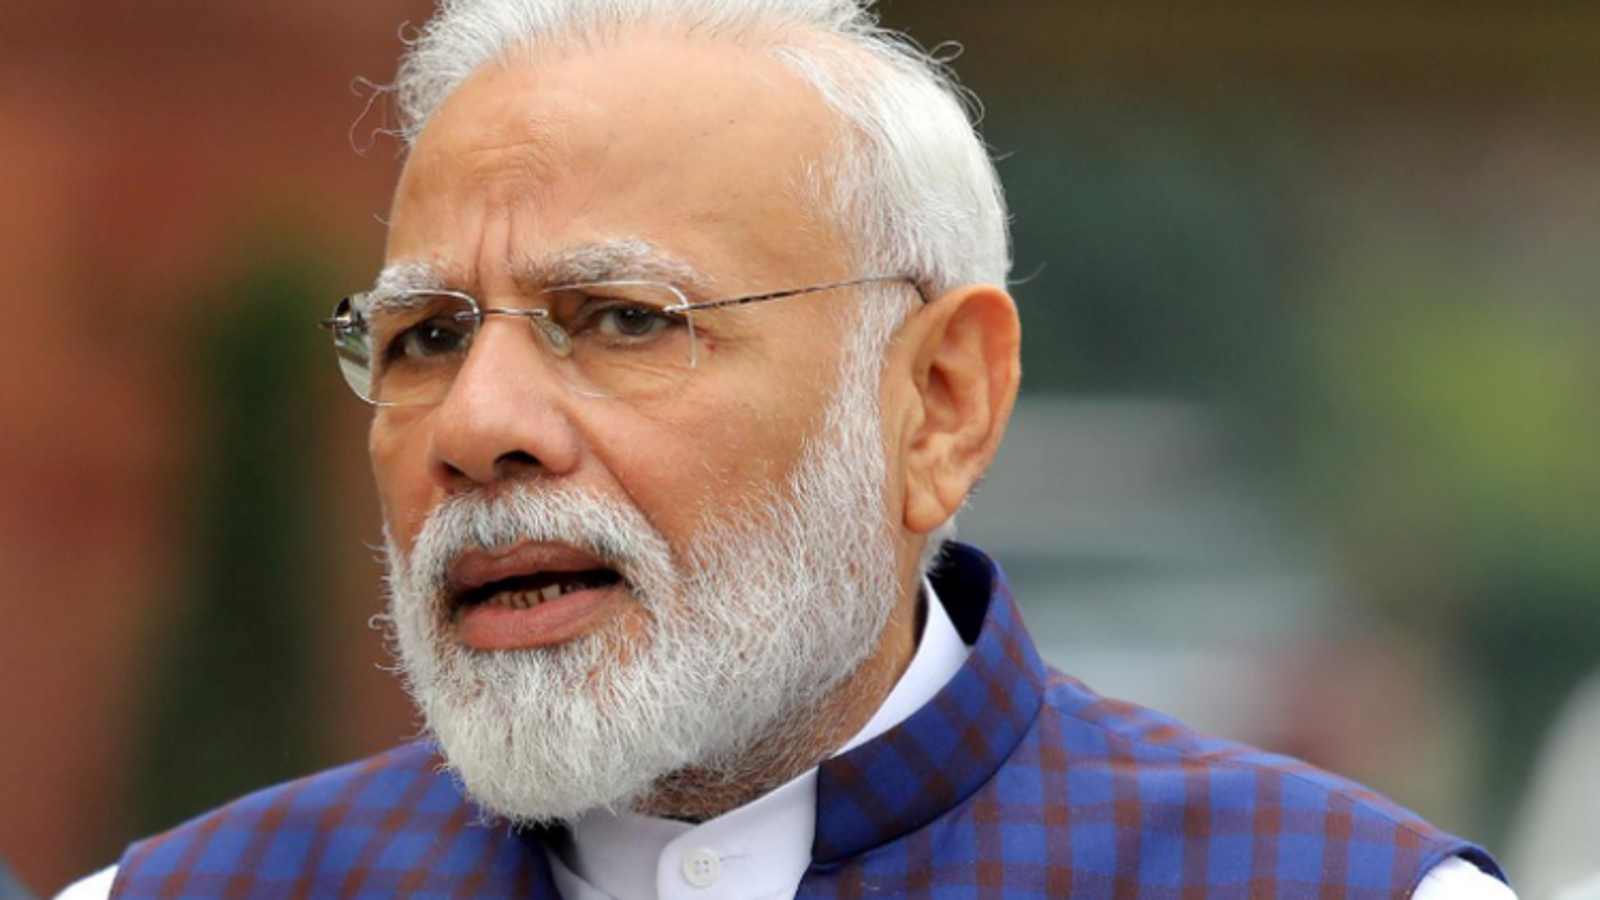 Thủ tướng Ấn Độ: Tình hình dịch Covid-19 rất đáng lo ngại